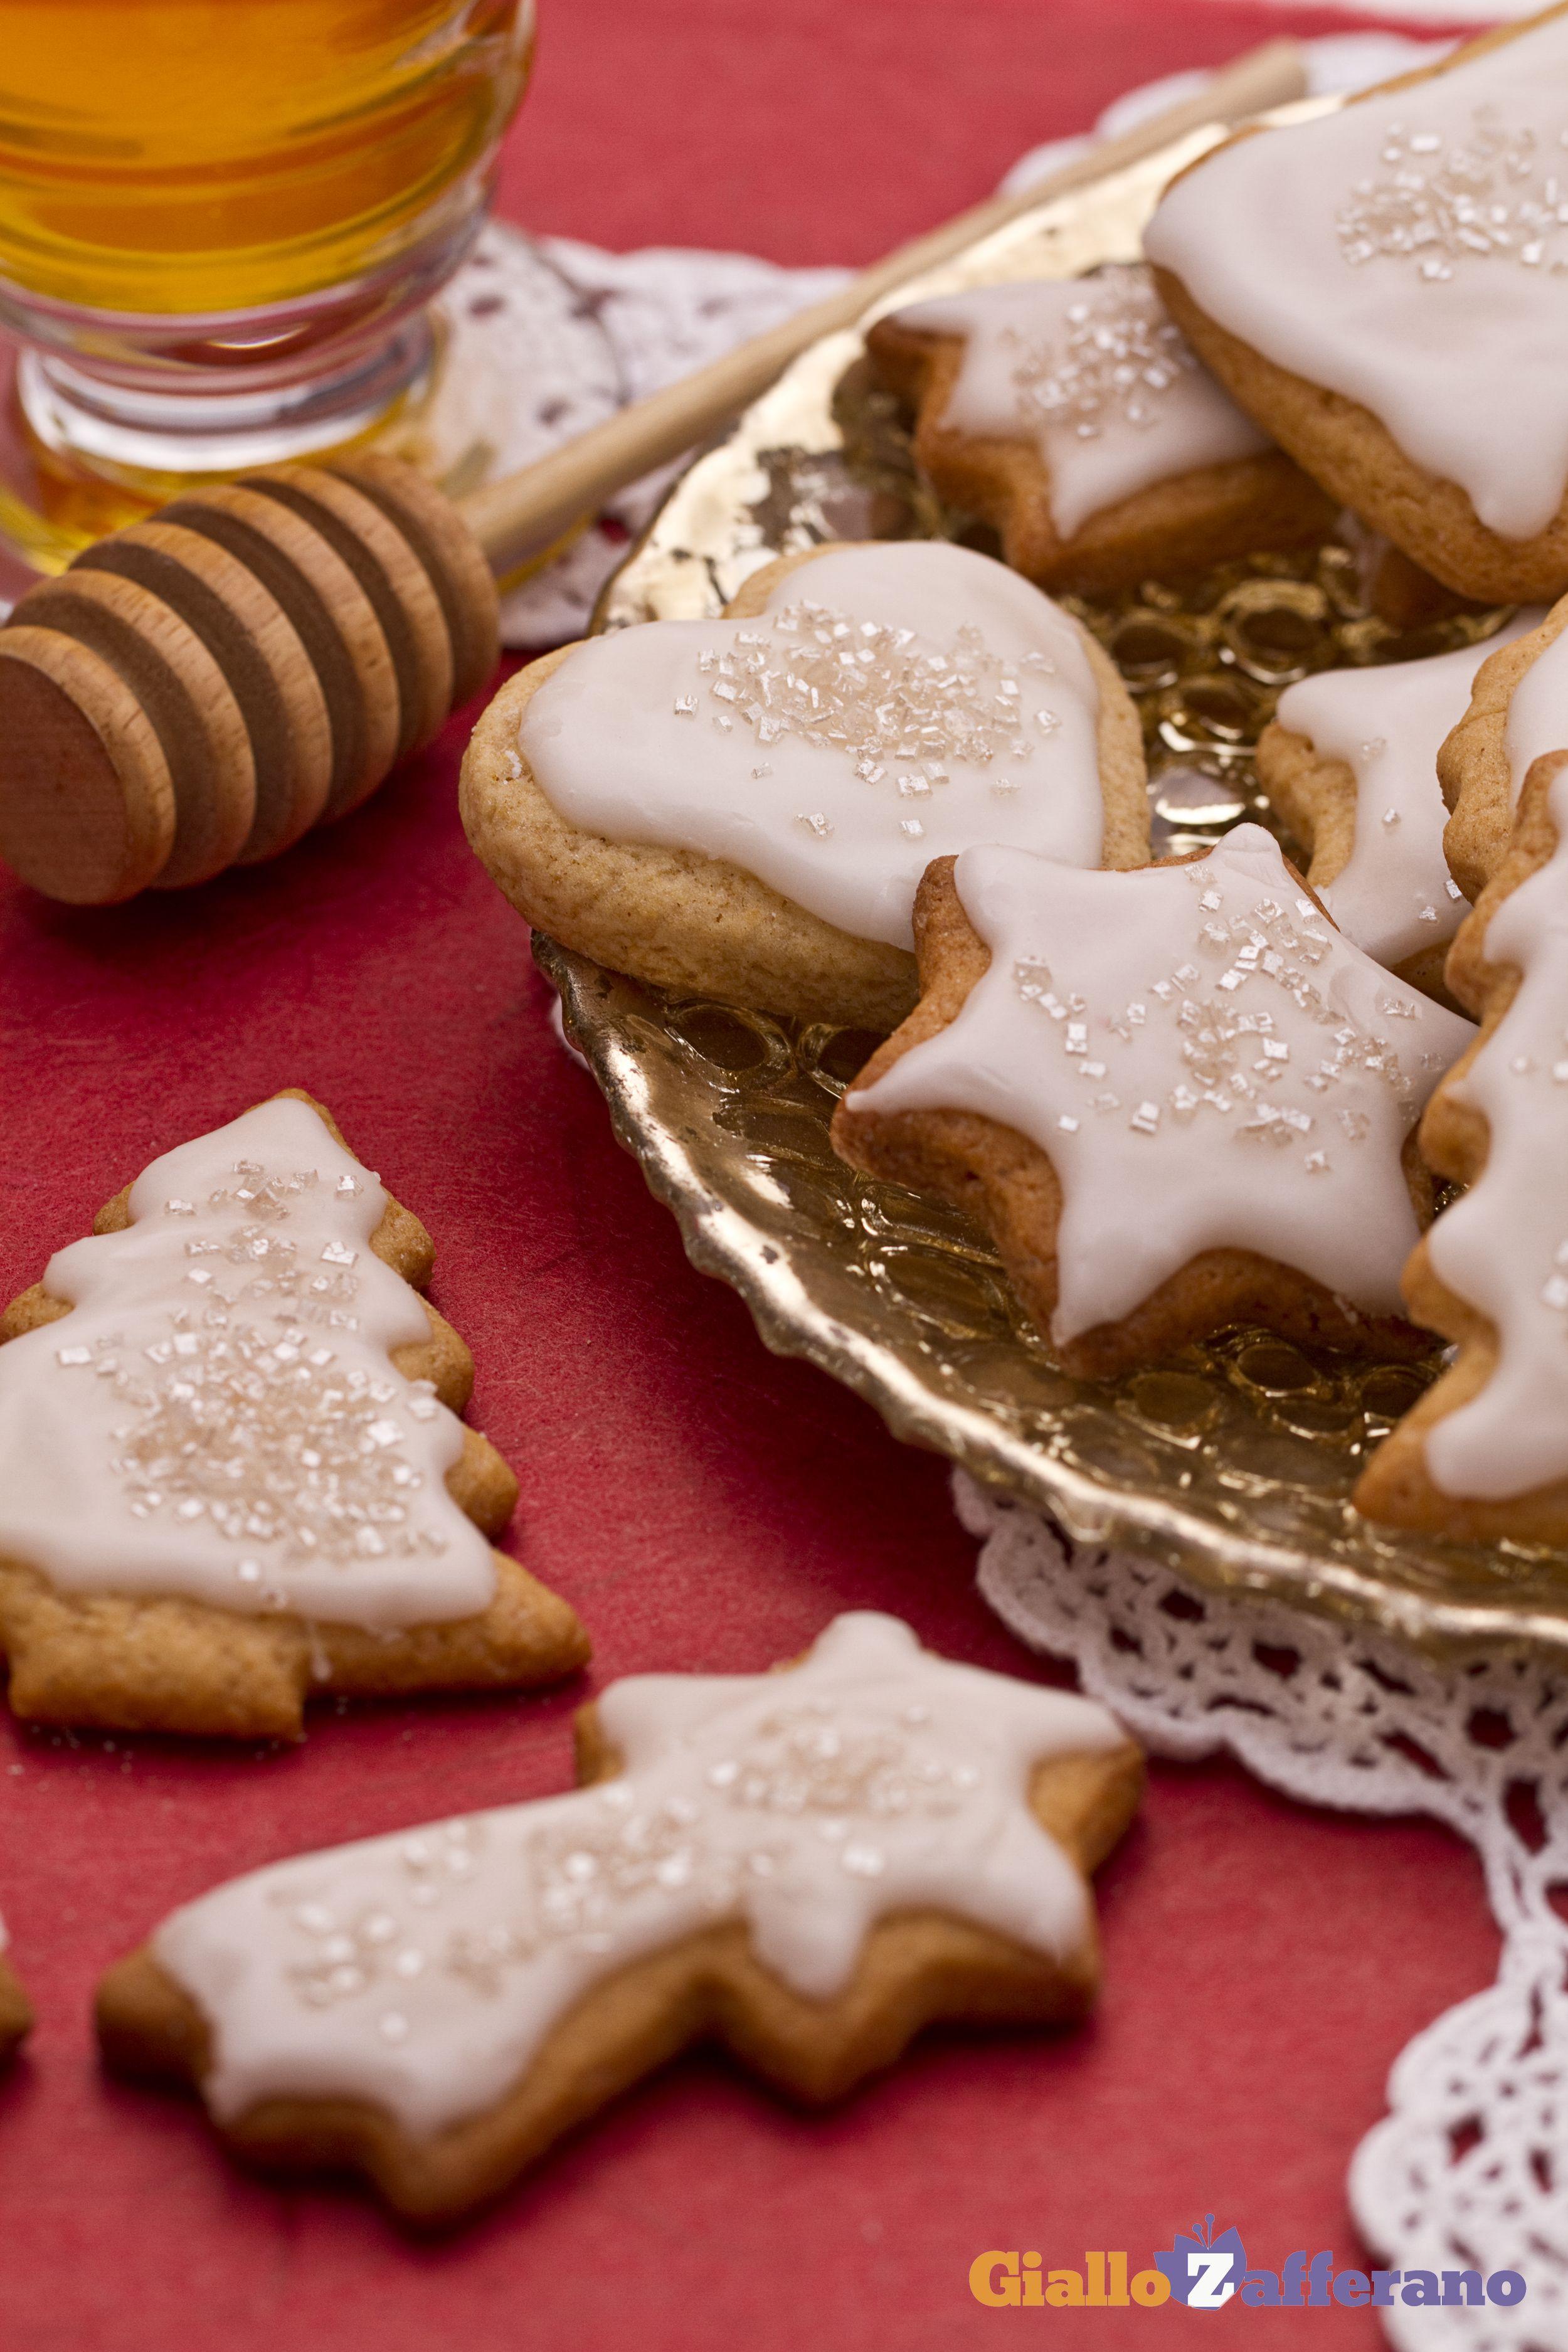 Biscotti Di Natale Ricette Giallo Zafferano.Biscotti Al Miele